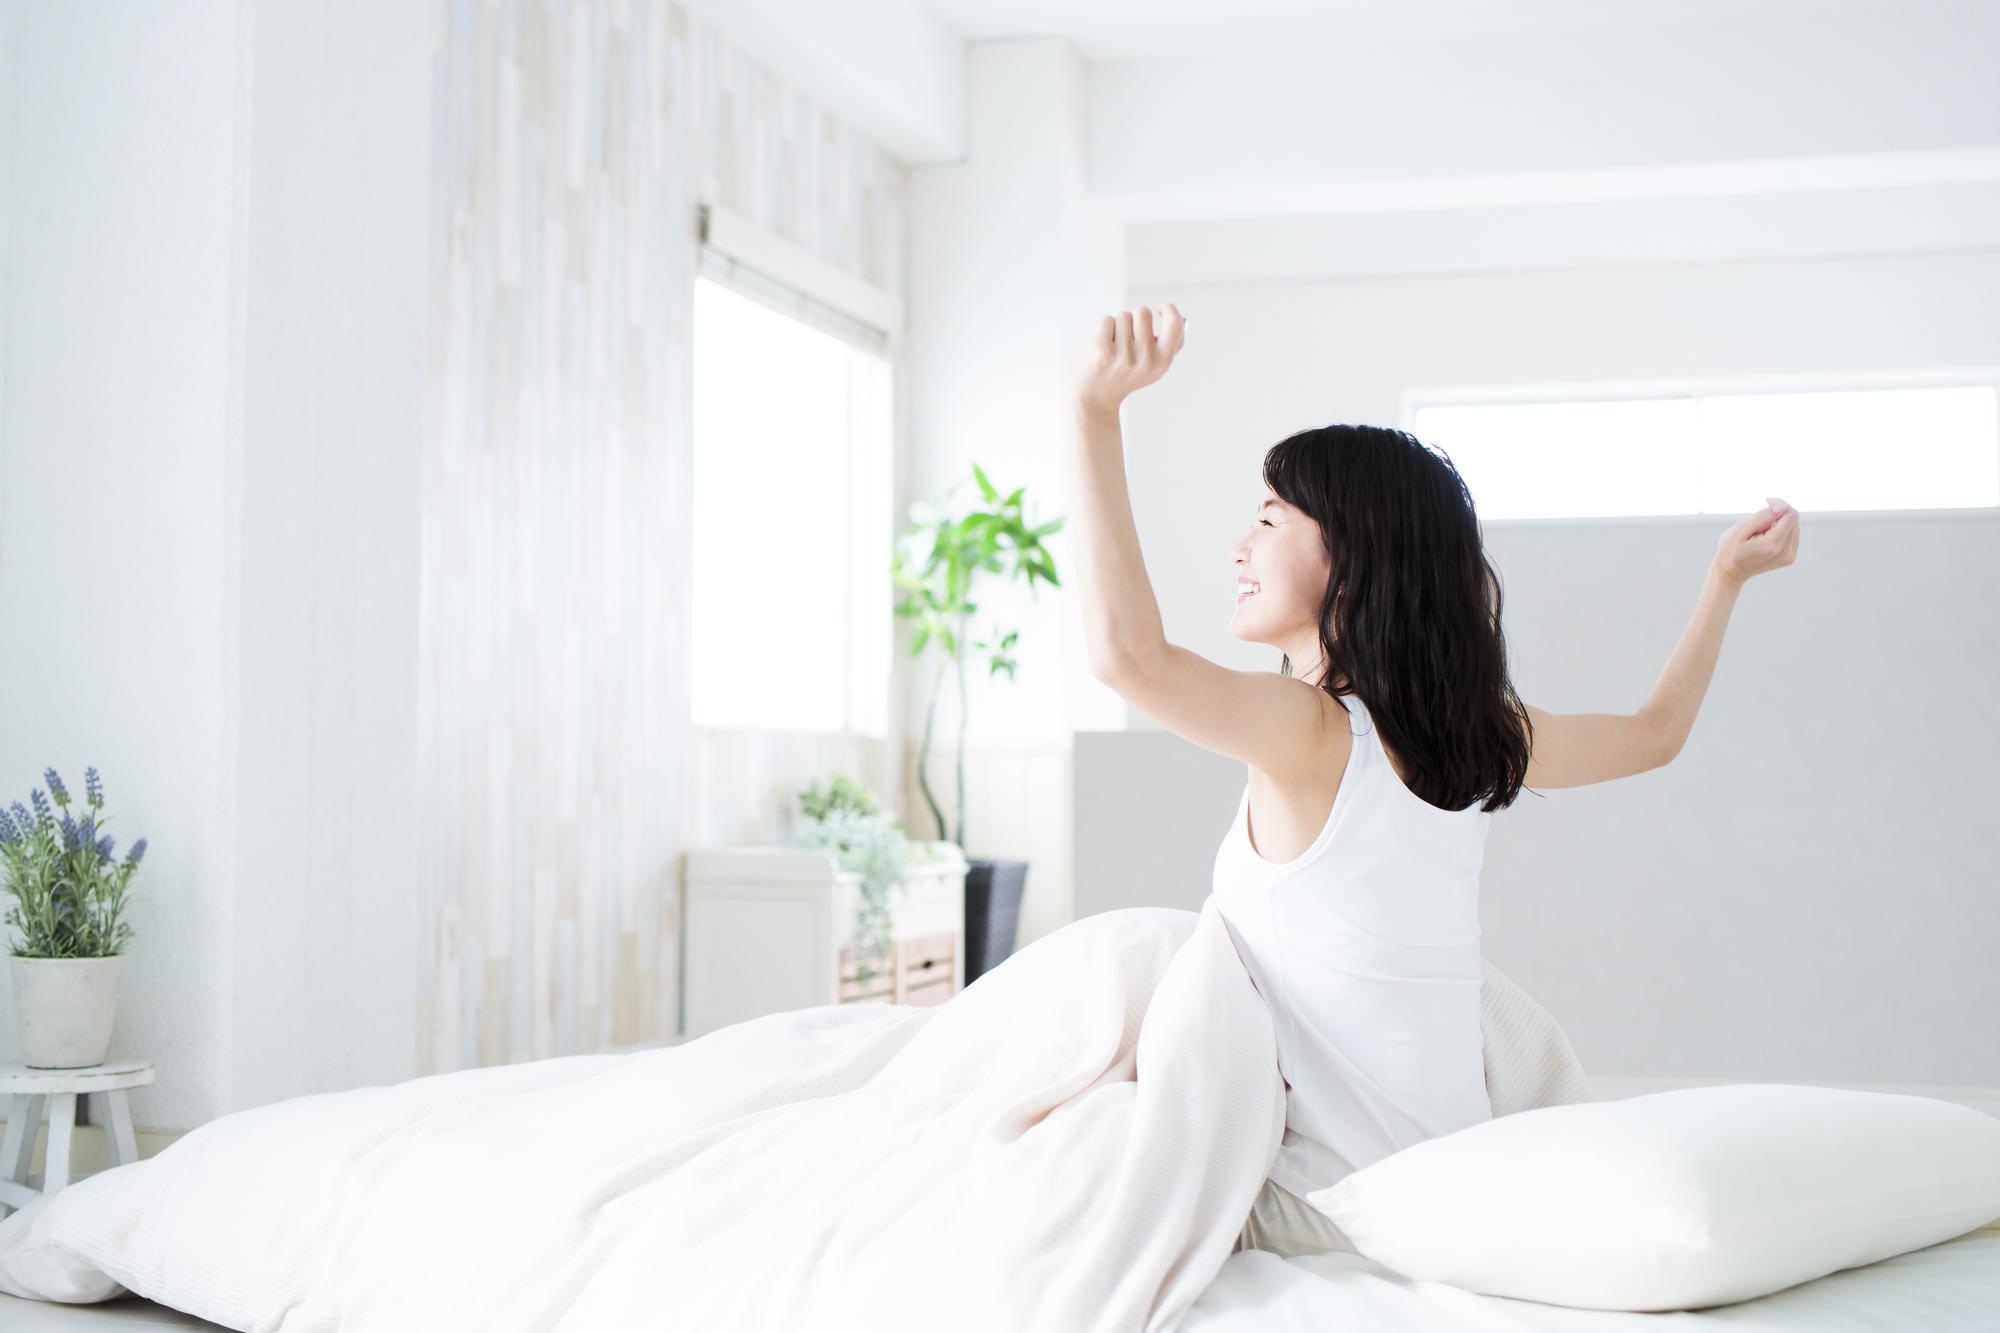 朝を迎える健康的な女性